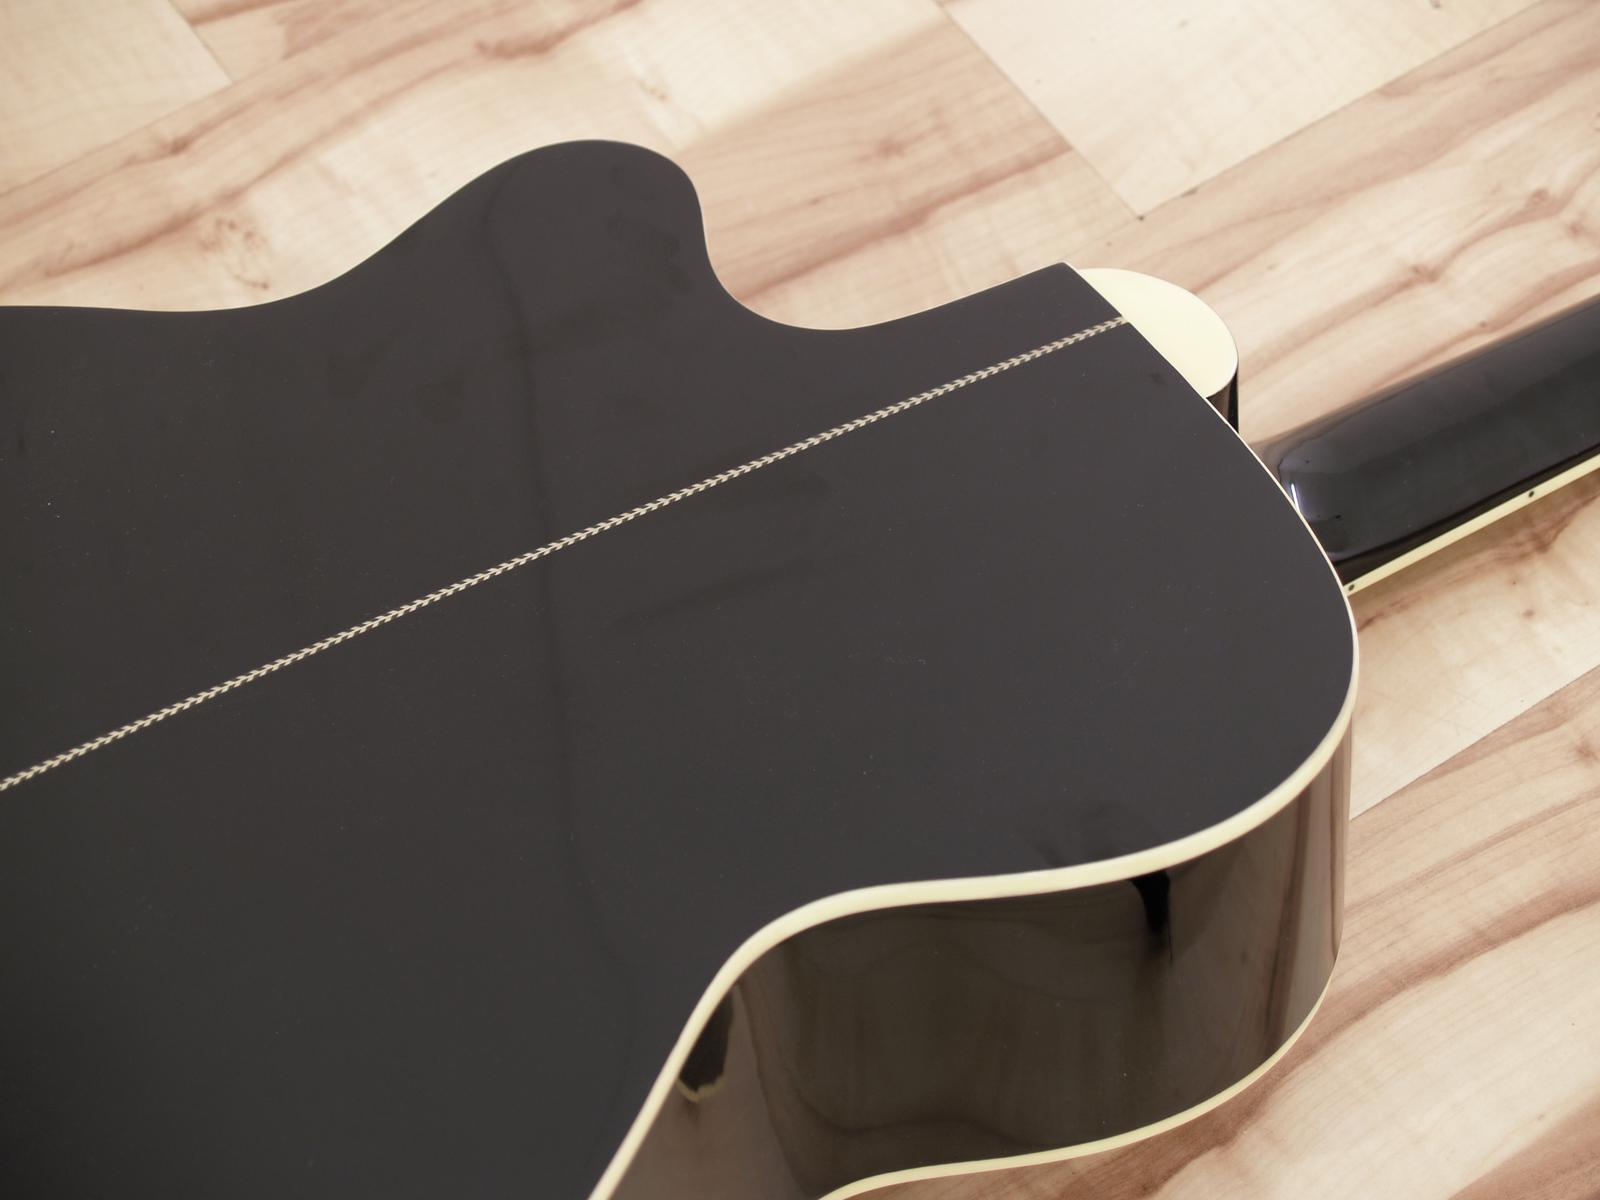 Chitarra acustica, western, colore cutaway nero, abete, DIMAVERY JK-300